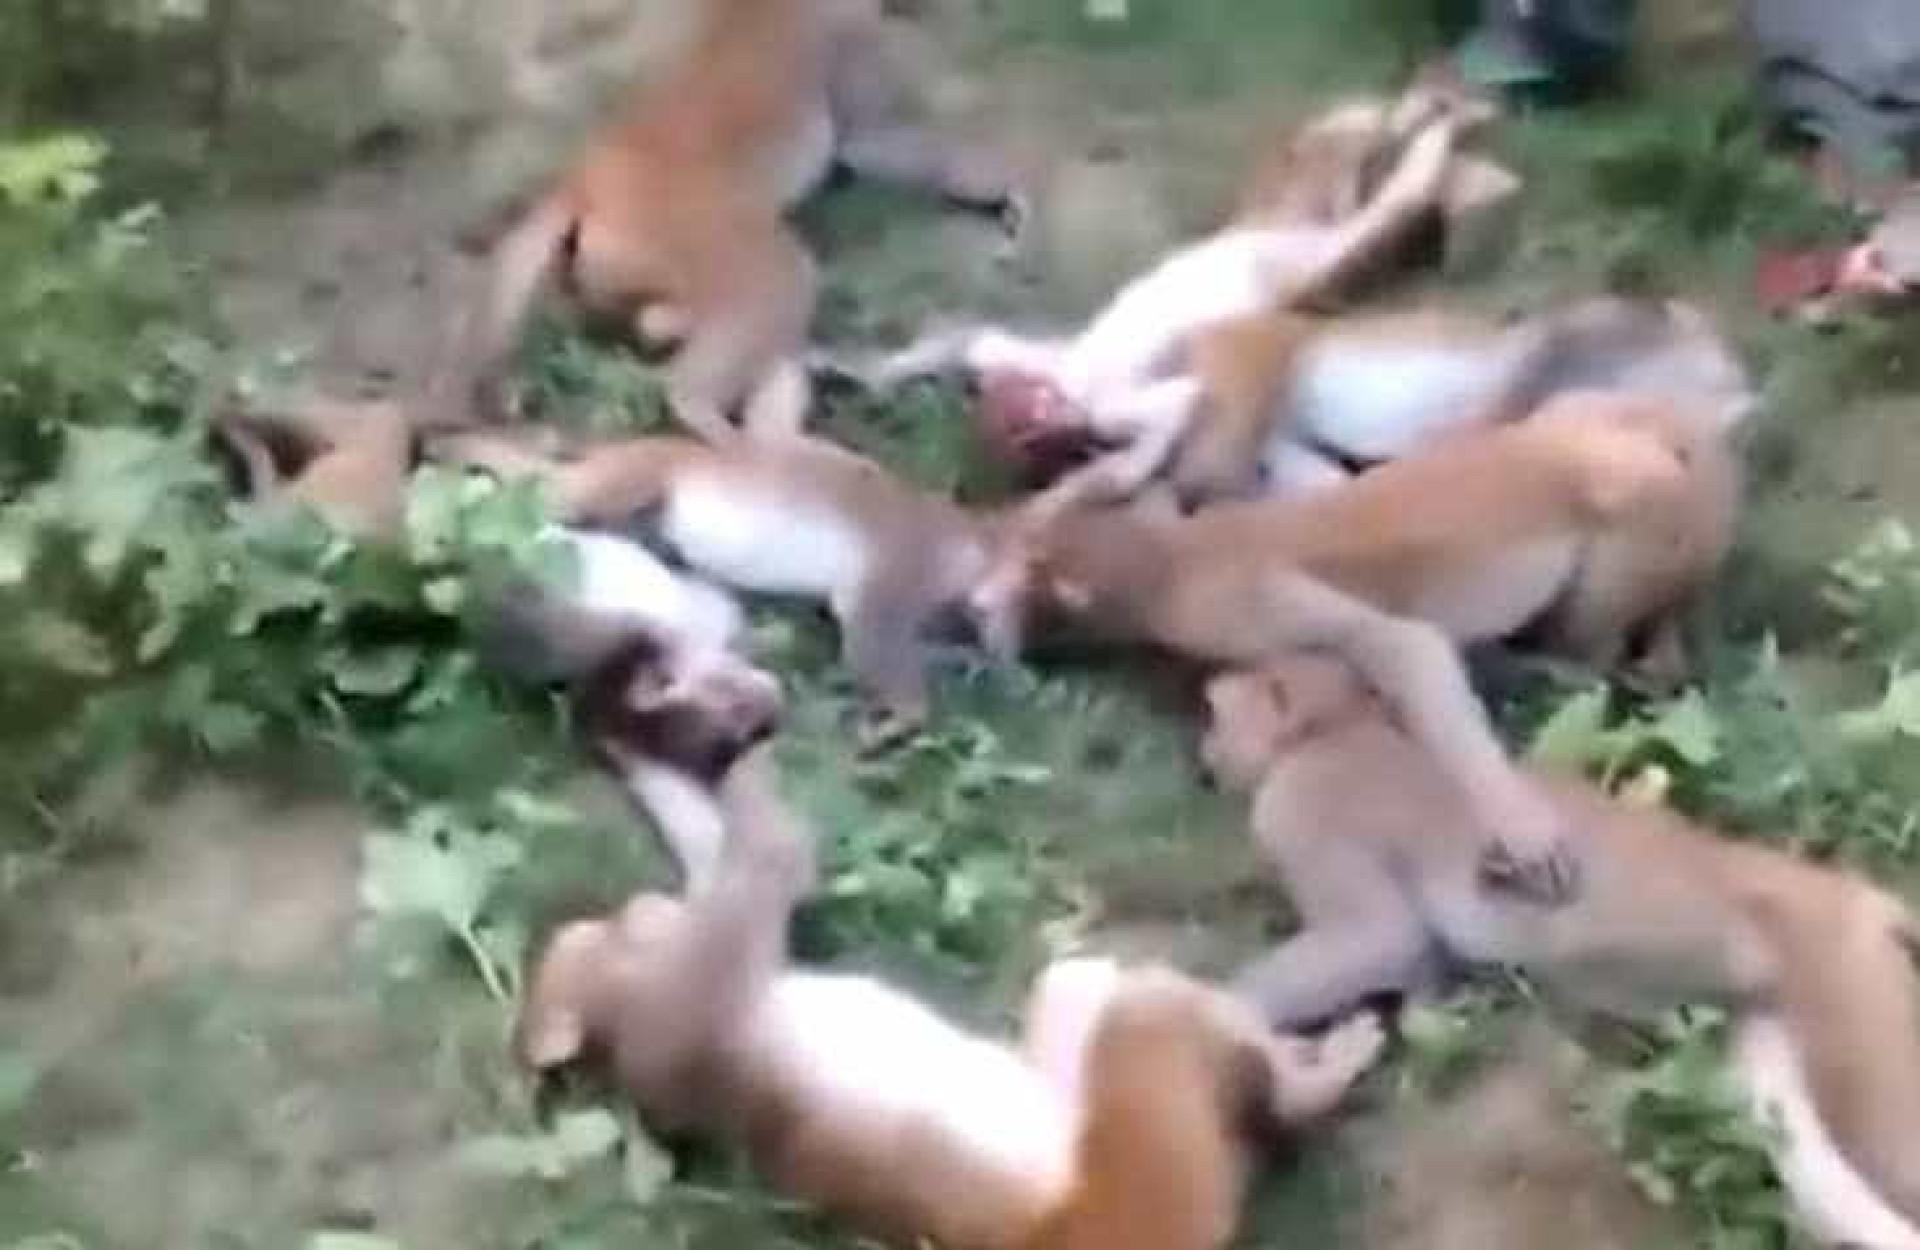 Estes macacos terão morrido (literalmente) de susto